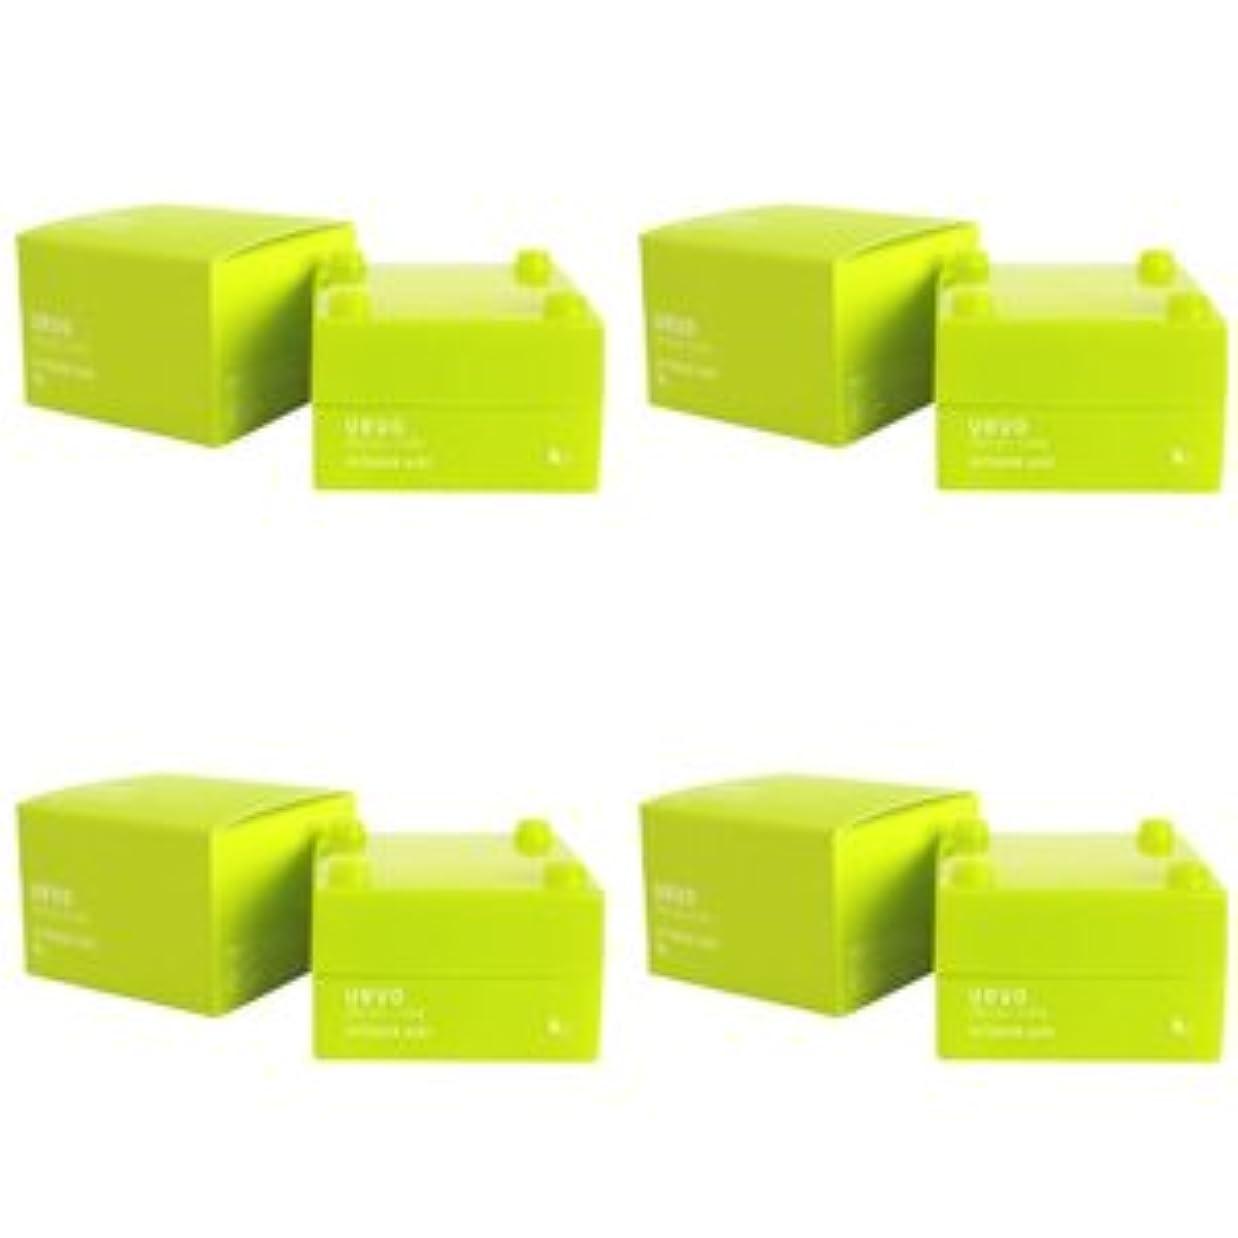 タクト同性愛者バルーン【X4個セット】 デミ ウェーボ デザインキューブ エアルーズワックス 30g airloose wax DEMI uevo design cube